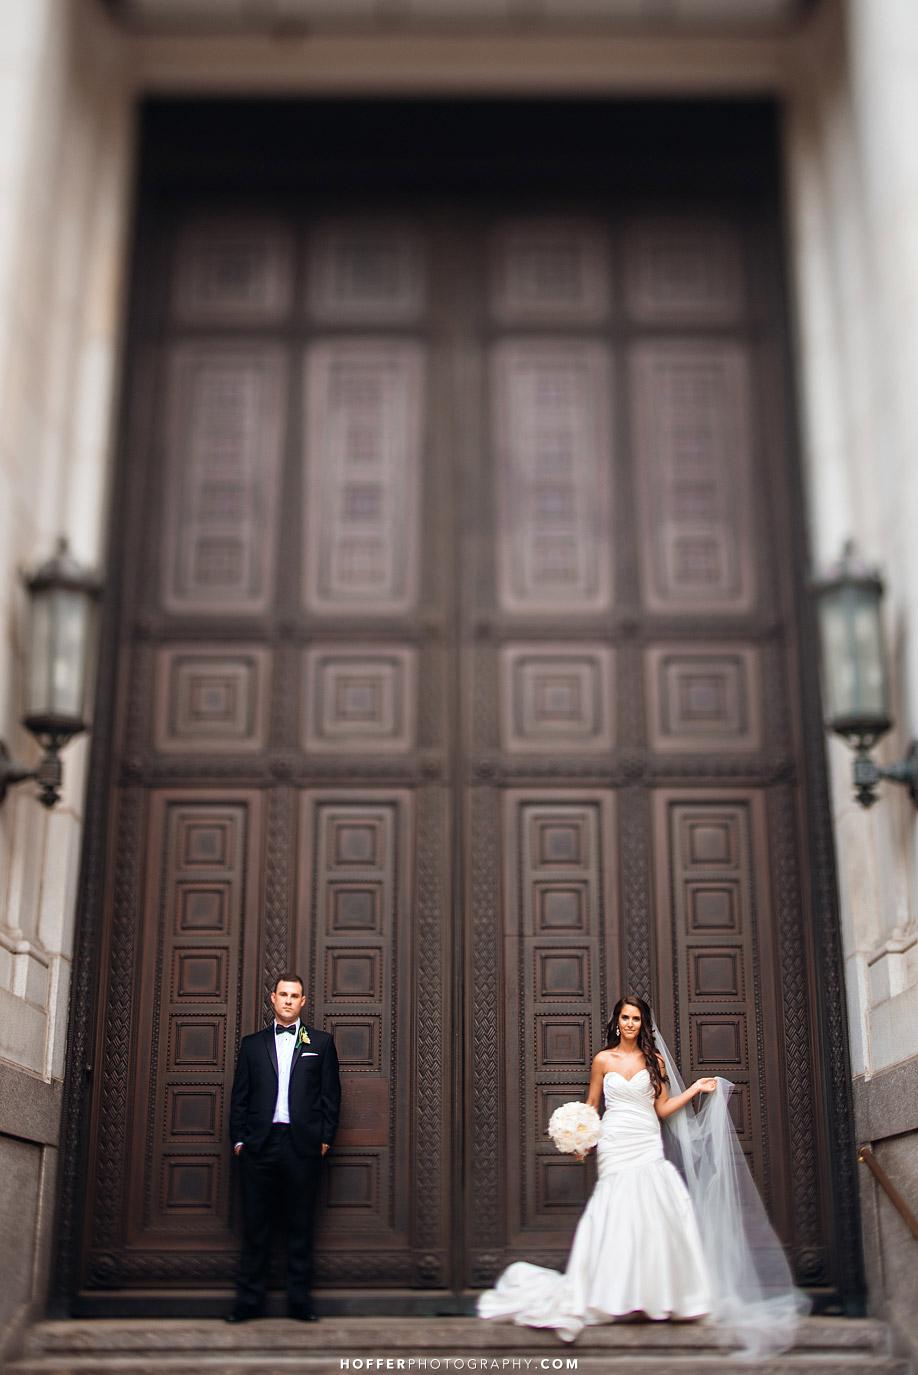 Klein-Downtown-Club-Philadelphia-Wedding-Photographers-014